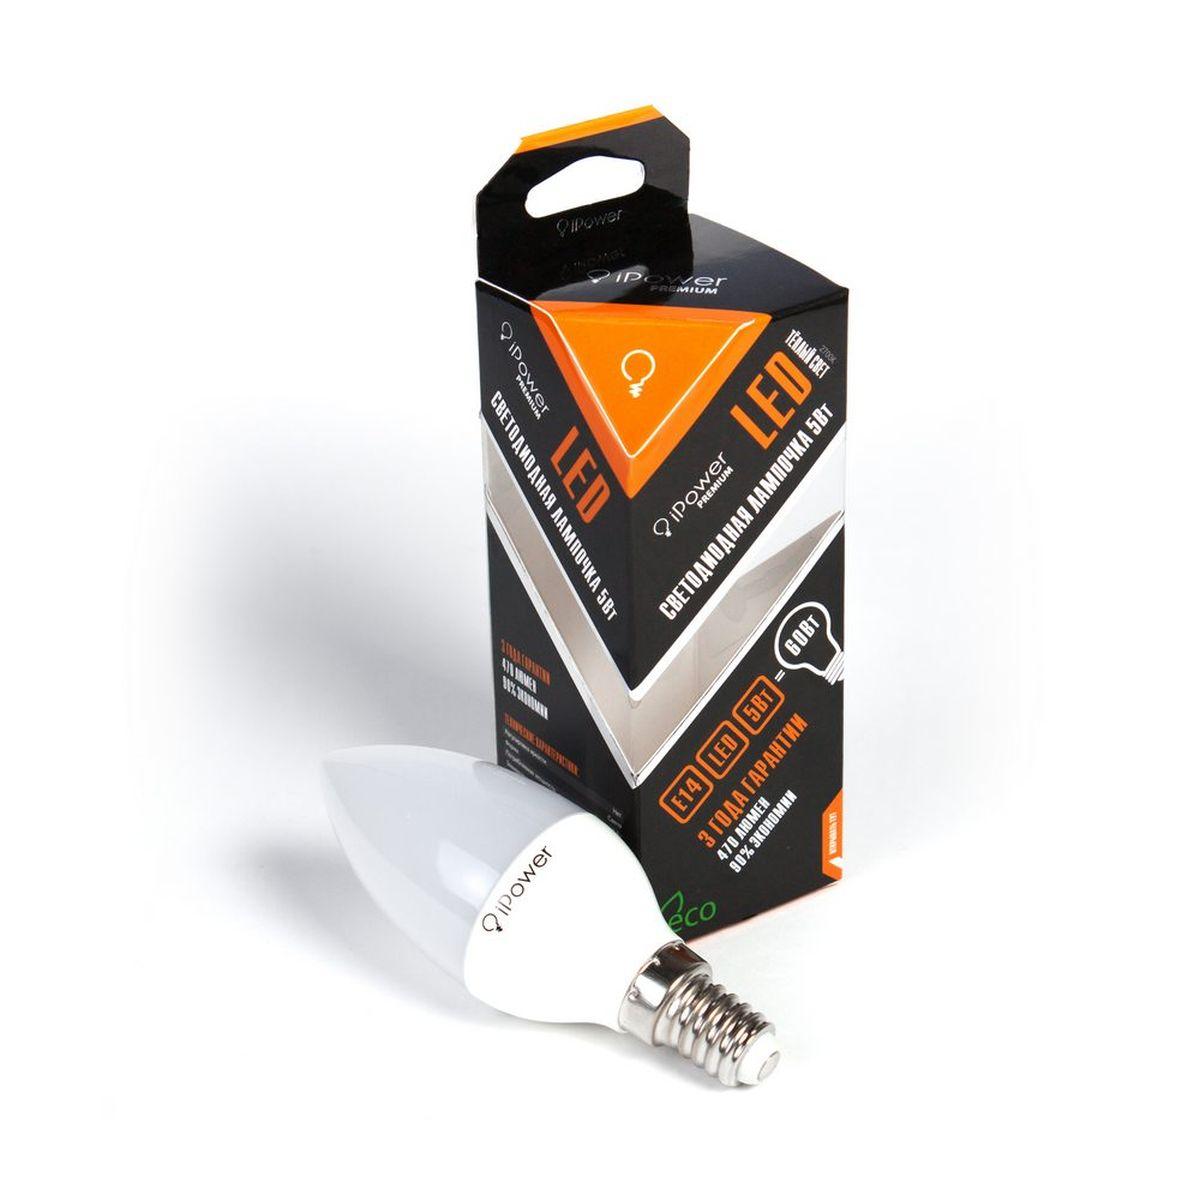 Лампа светодиодная iPower Premium, цоколь Е14, 5W, 2700К1001958Светодиодная лампа iPower Premium имеет очень низкое энергопотребление. В сравнении с лампами накаливания LED потребляет в 12 раз меньше электричества, а в сравнении с энергосберегающими - в 2-4 раза меньше. При этом срок службы LED лампочки в 5 раз выше, чем энергосберегающей, и в 50 раз выше, чем у лампы накаливания. Светодиодная лампа iPower Premium создает мягкий рассеивающий свет без мерцаний, что совершенно безопасно для глаз. Она специально разработана по требованиям российских и европейских законов и подходит ко всем осветительным устройствам, совместимым со стандартным цоколем E27. Использование светодиодов от мирового лидера Epistar - это залог надежной и стабильной работы лампы. Теплый оттенок света лампы по световой температуре соответствует обычной лампе накаливания и позволит создать уют в доме и местах отдыха. Диапазон рабочих температур от -50°С до +50 °С Материал: алюминий, поликарбонат. Потребляемая мощность: 5 Вт. Рабочее...